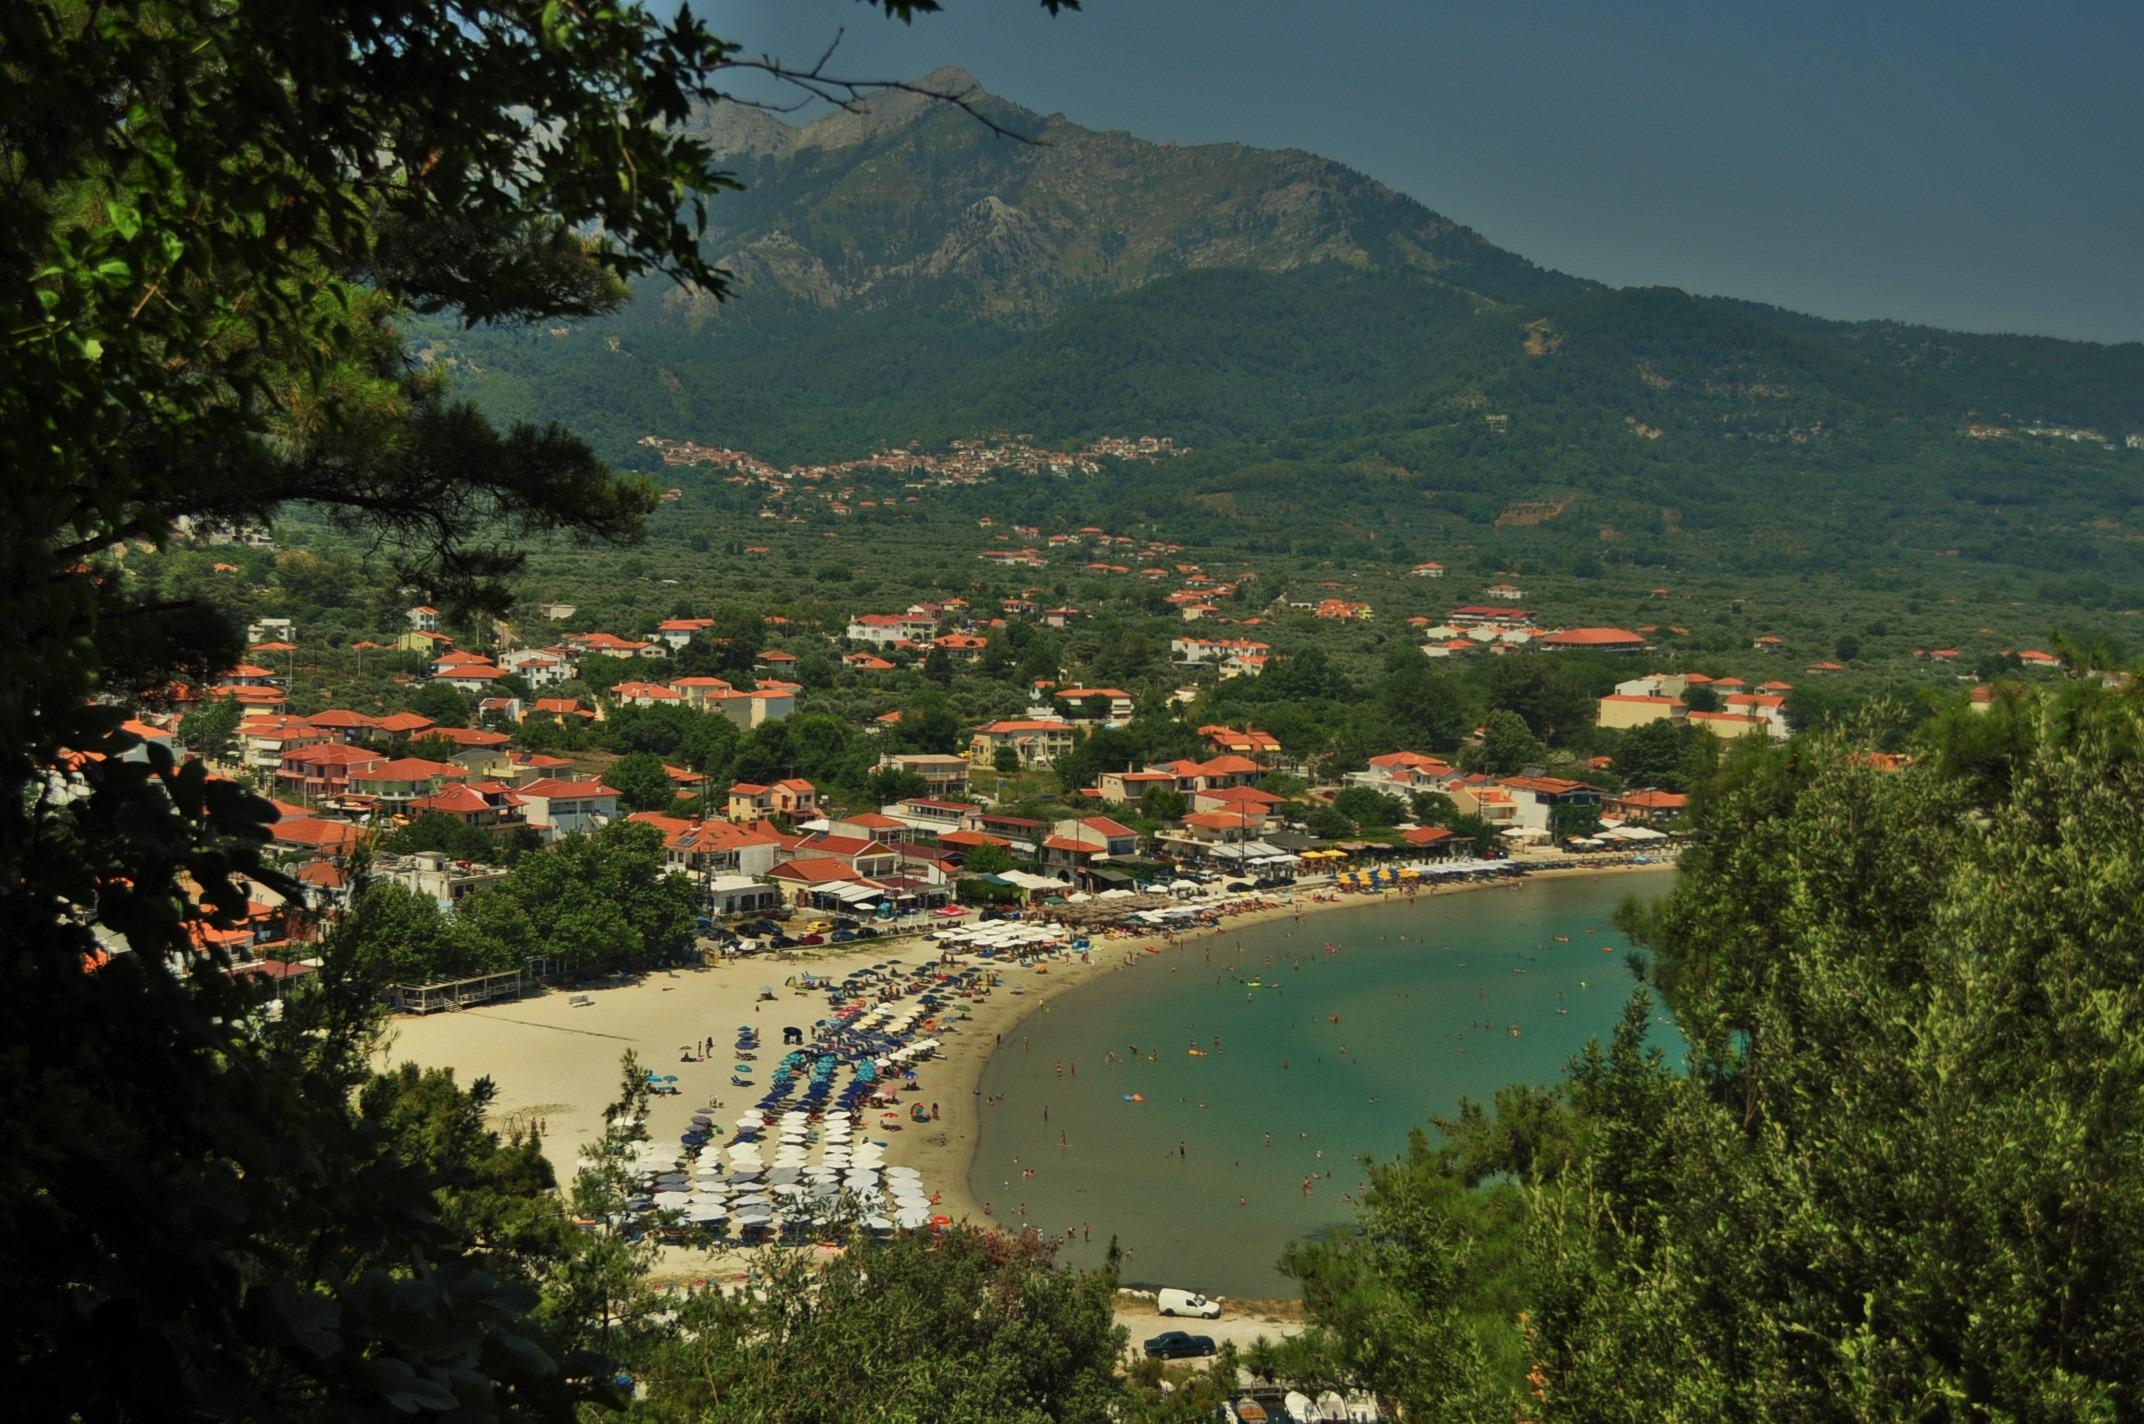 Островът си има и по-населена курортна зона в района на скала Потамия, където се намира и най-големият му плаж Голдън бийч.